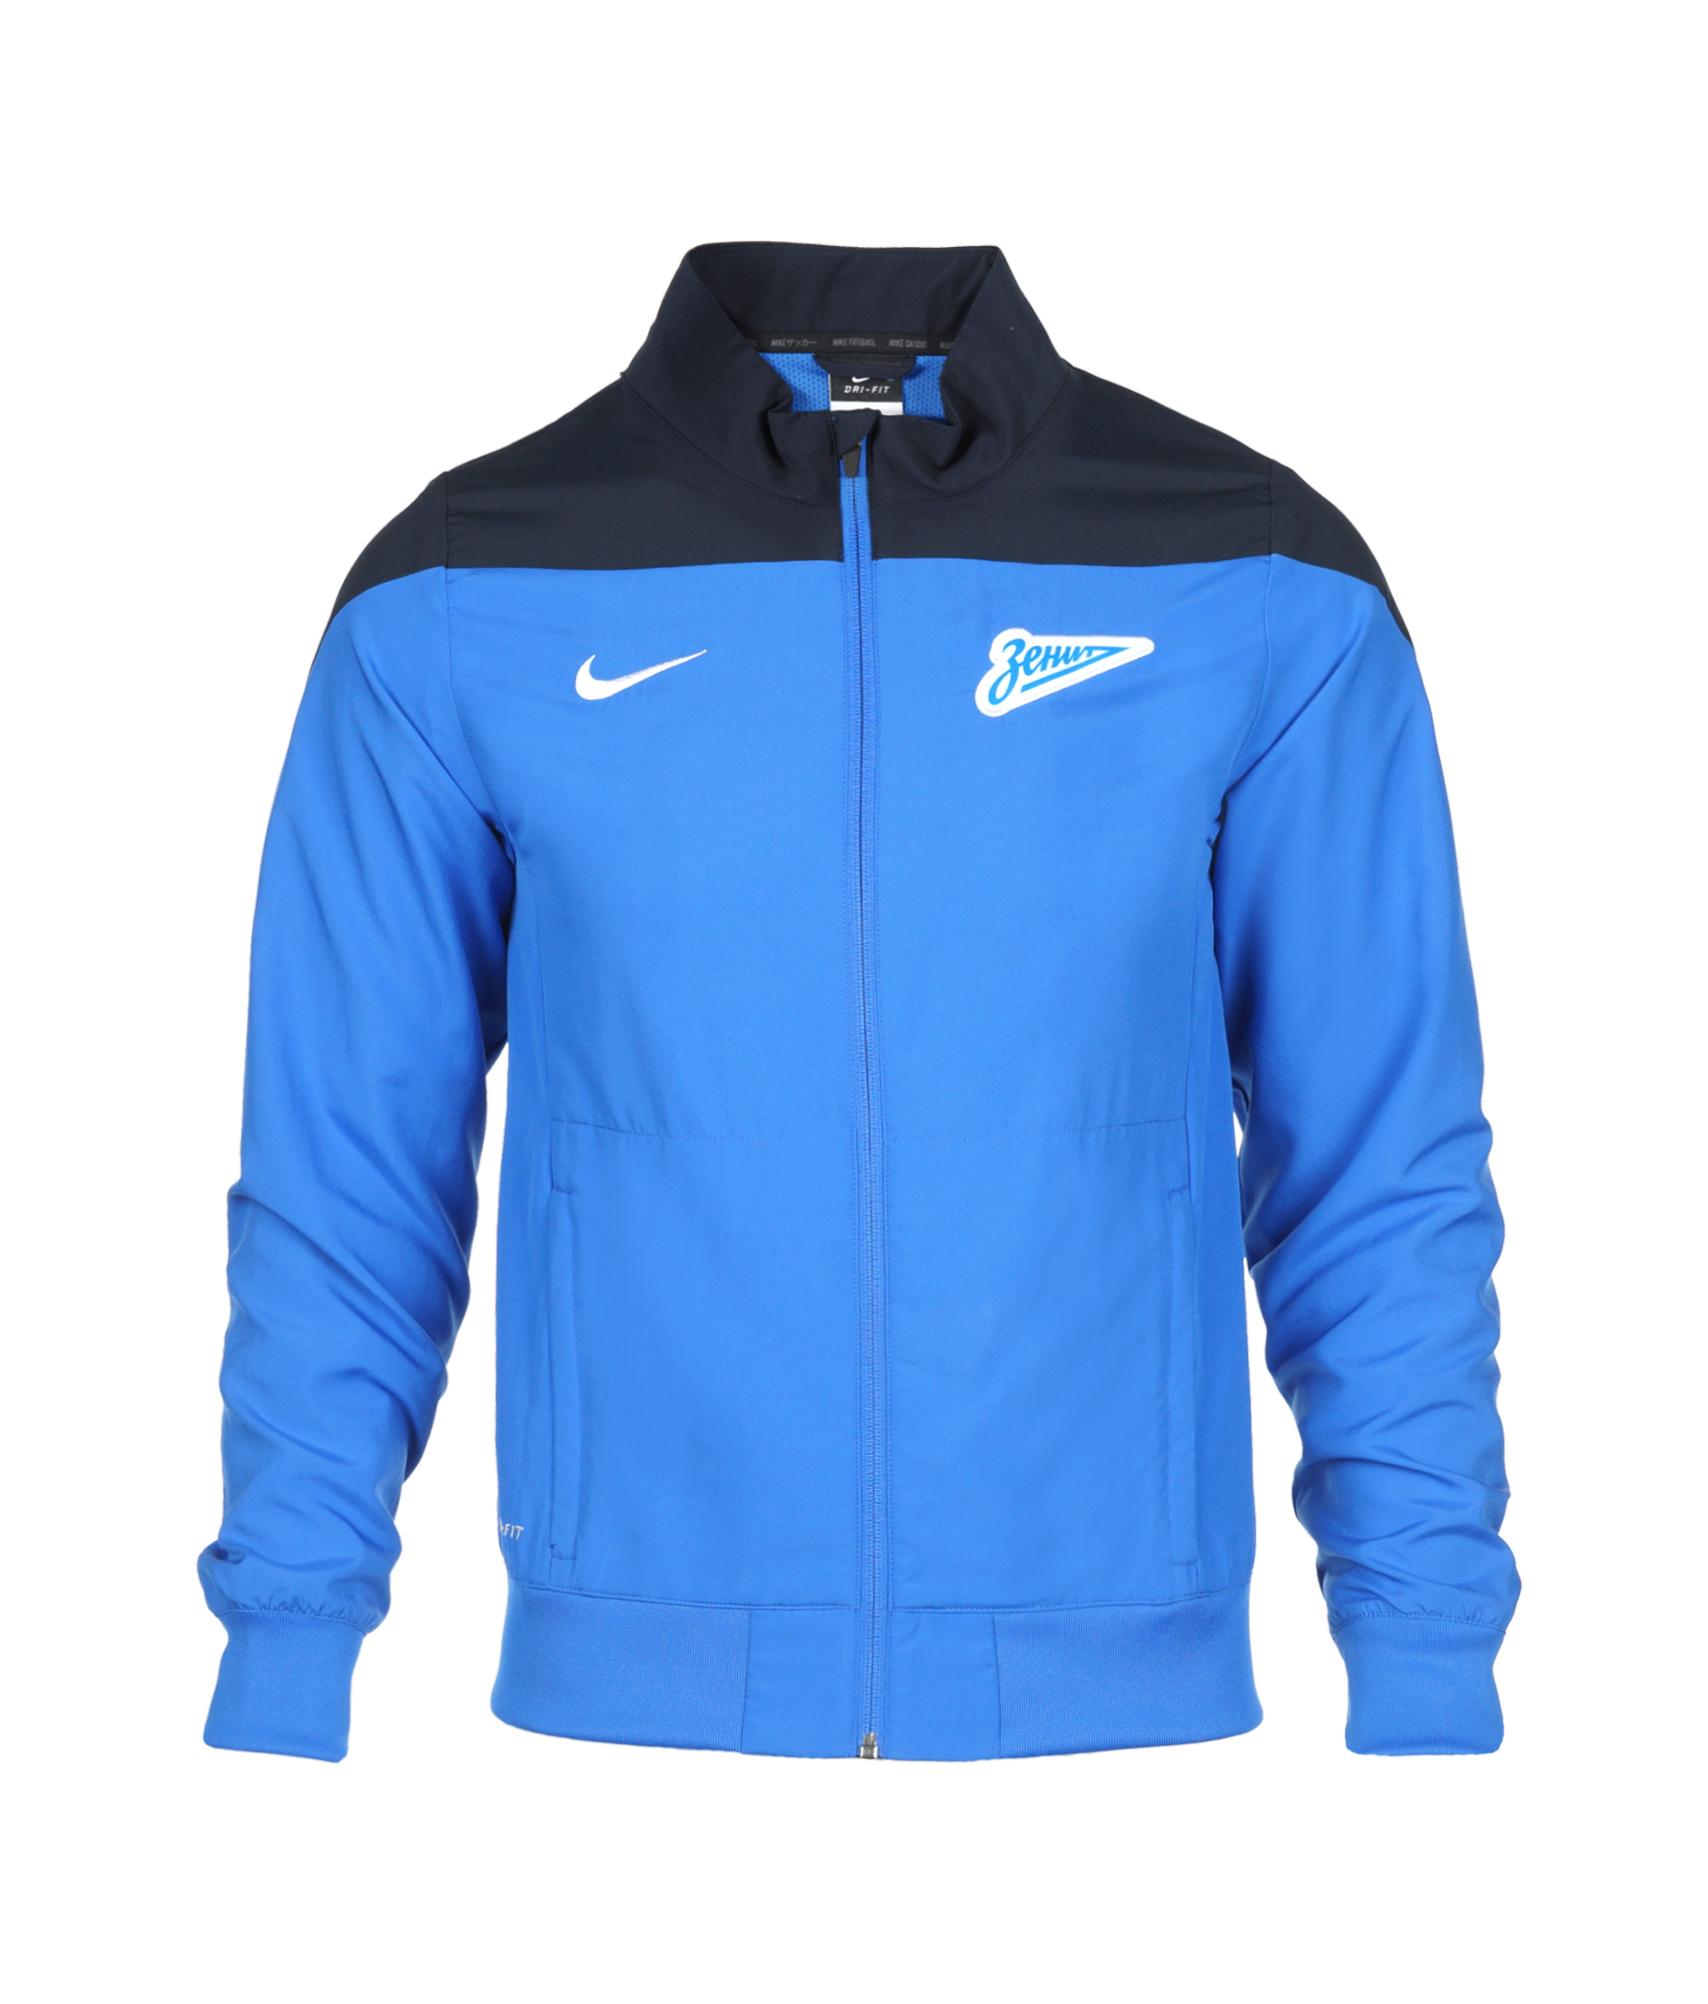 Куртка от костюма SQUAD SDLN WVN JKT, Цвет-Темно-Синий, Размер-L